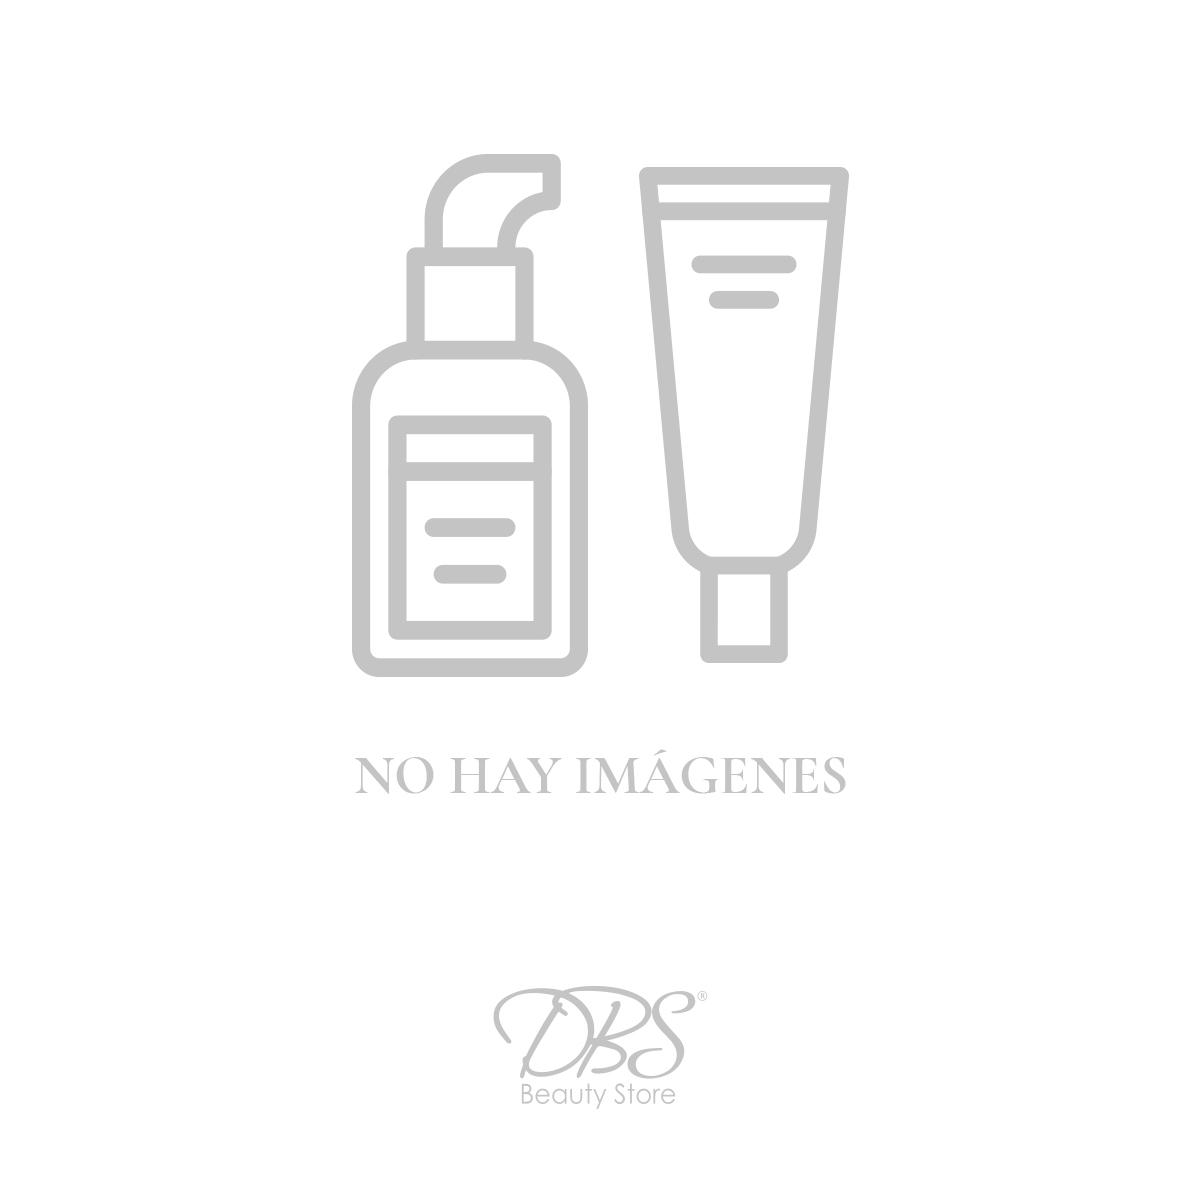 bath-and-body-works-BW-03216.jpg